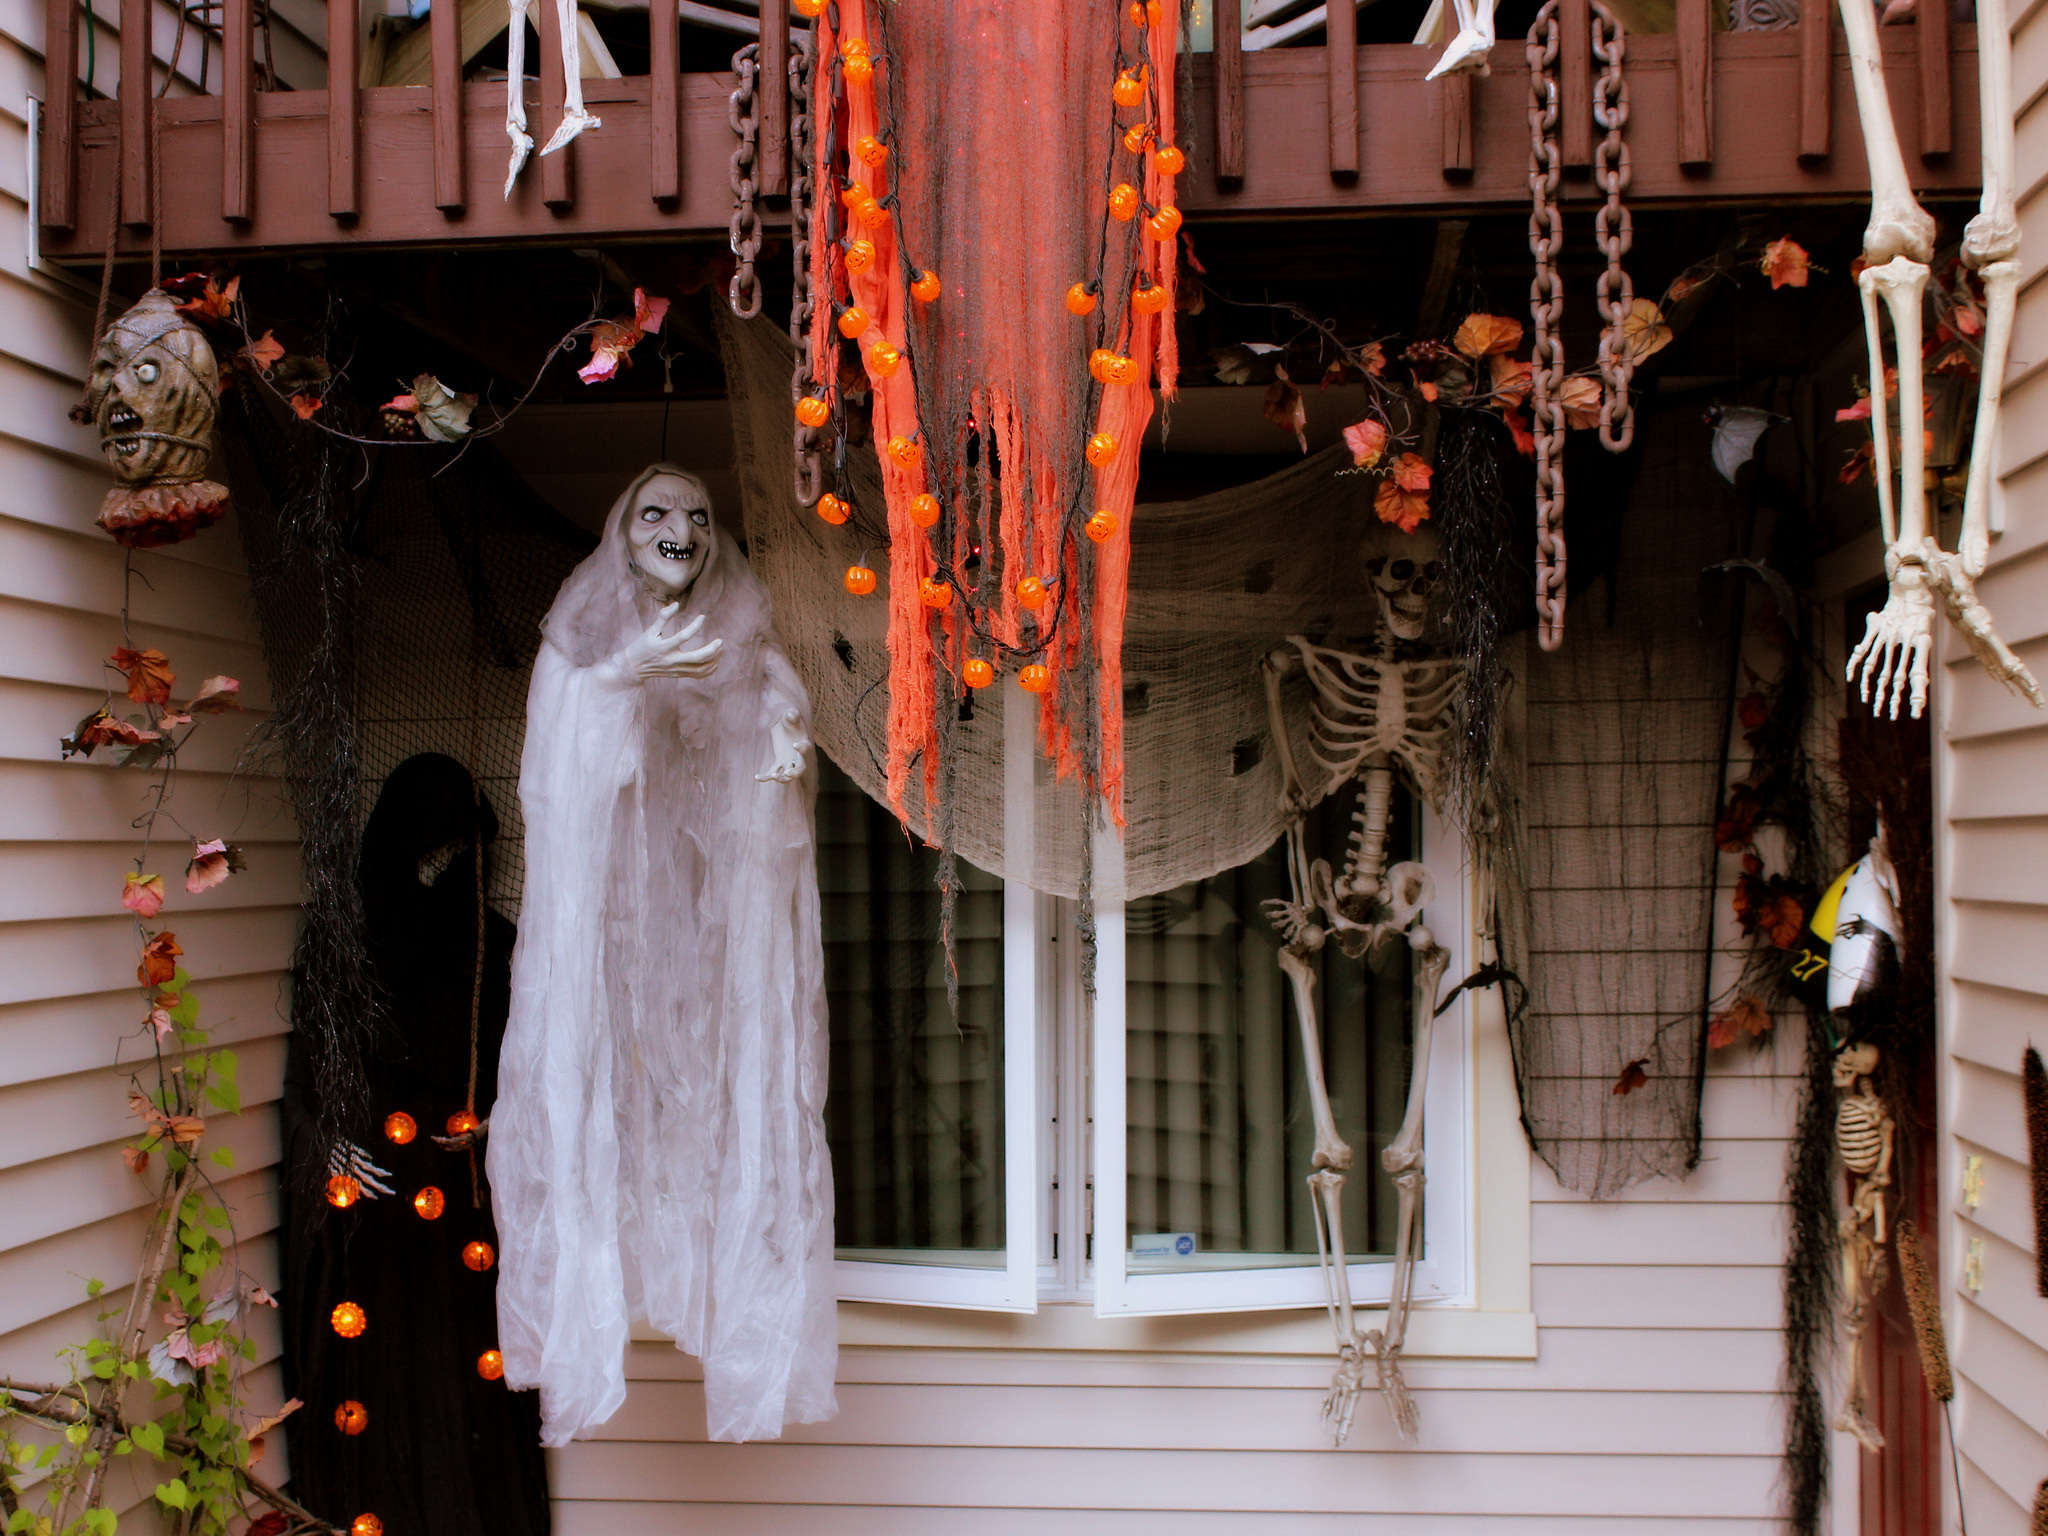 Декор дома на хэллоуин: 25 идей для украшения и еще чуть-чуть